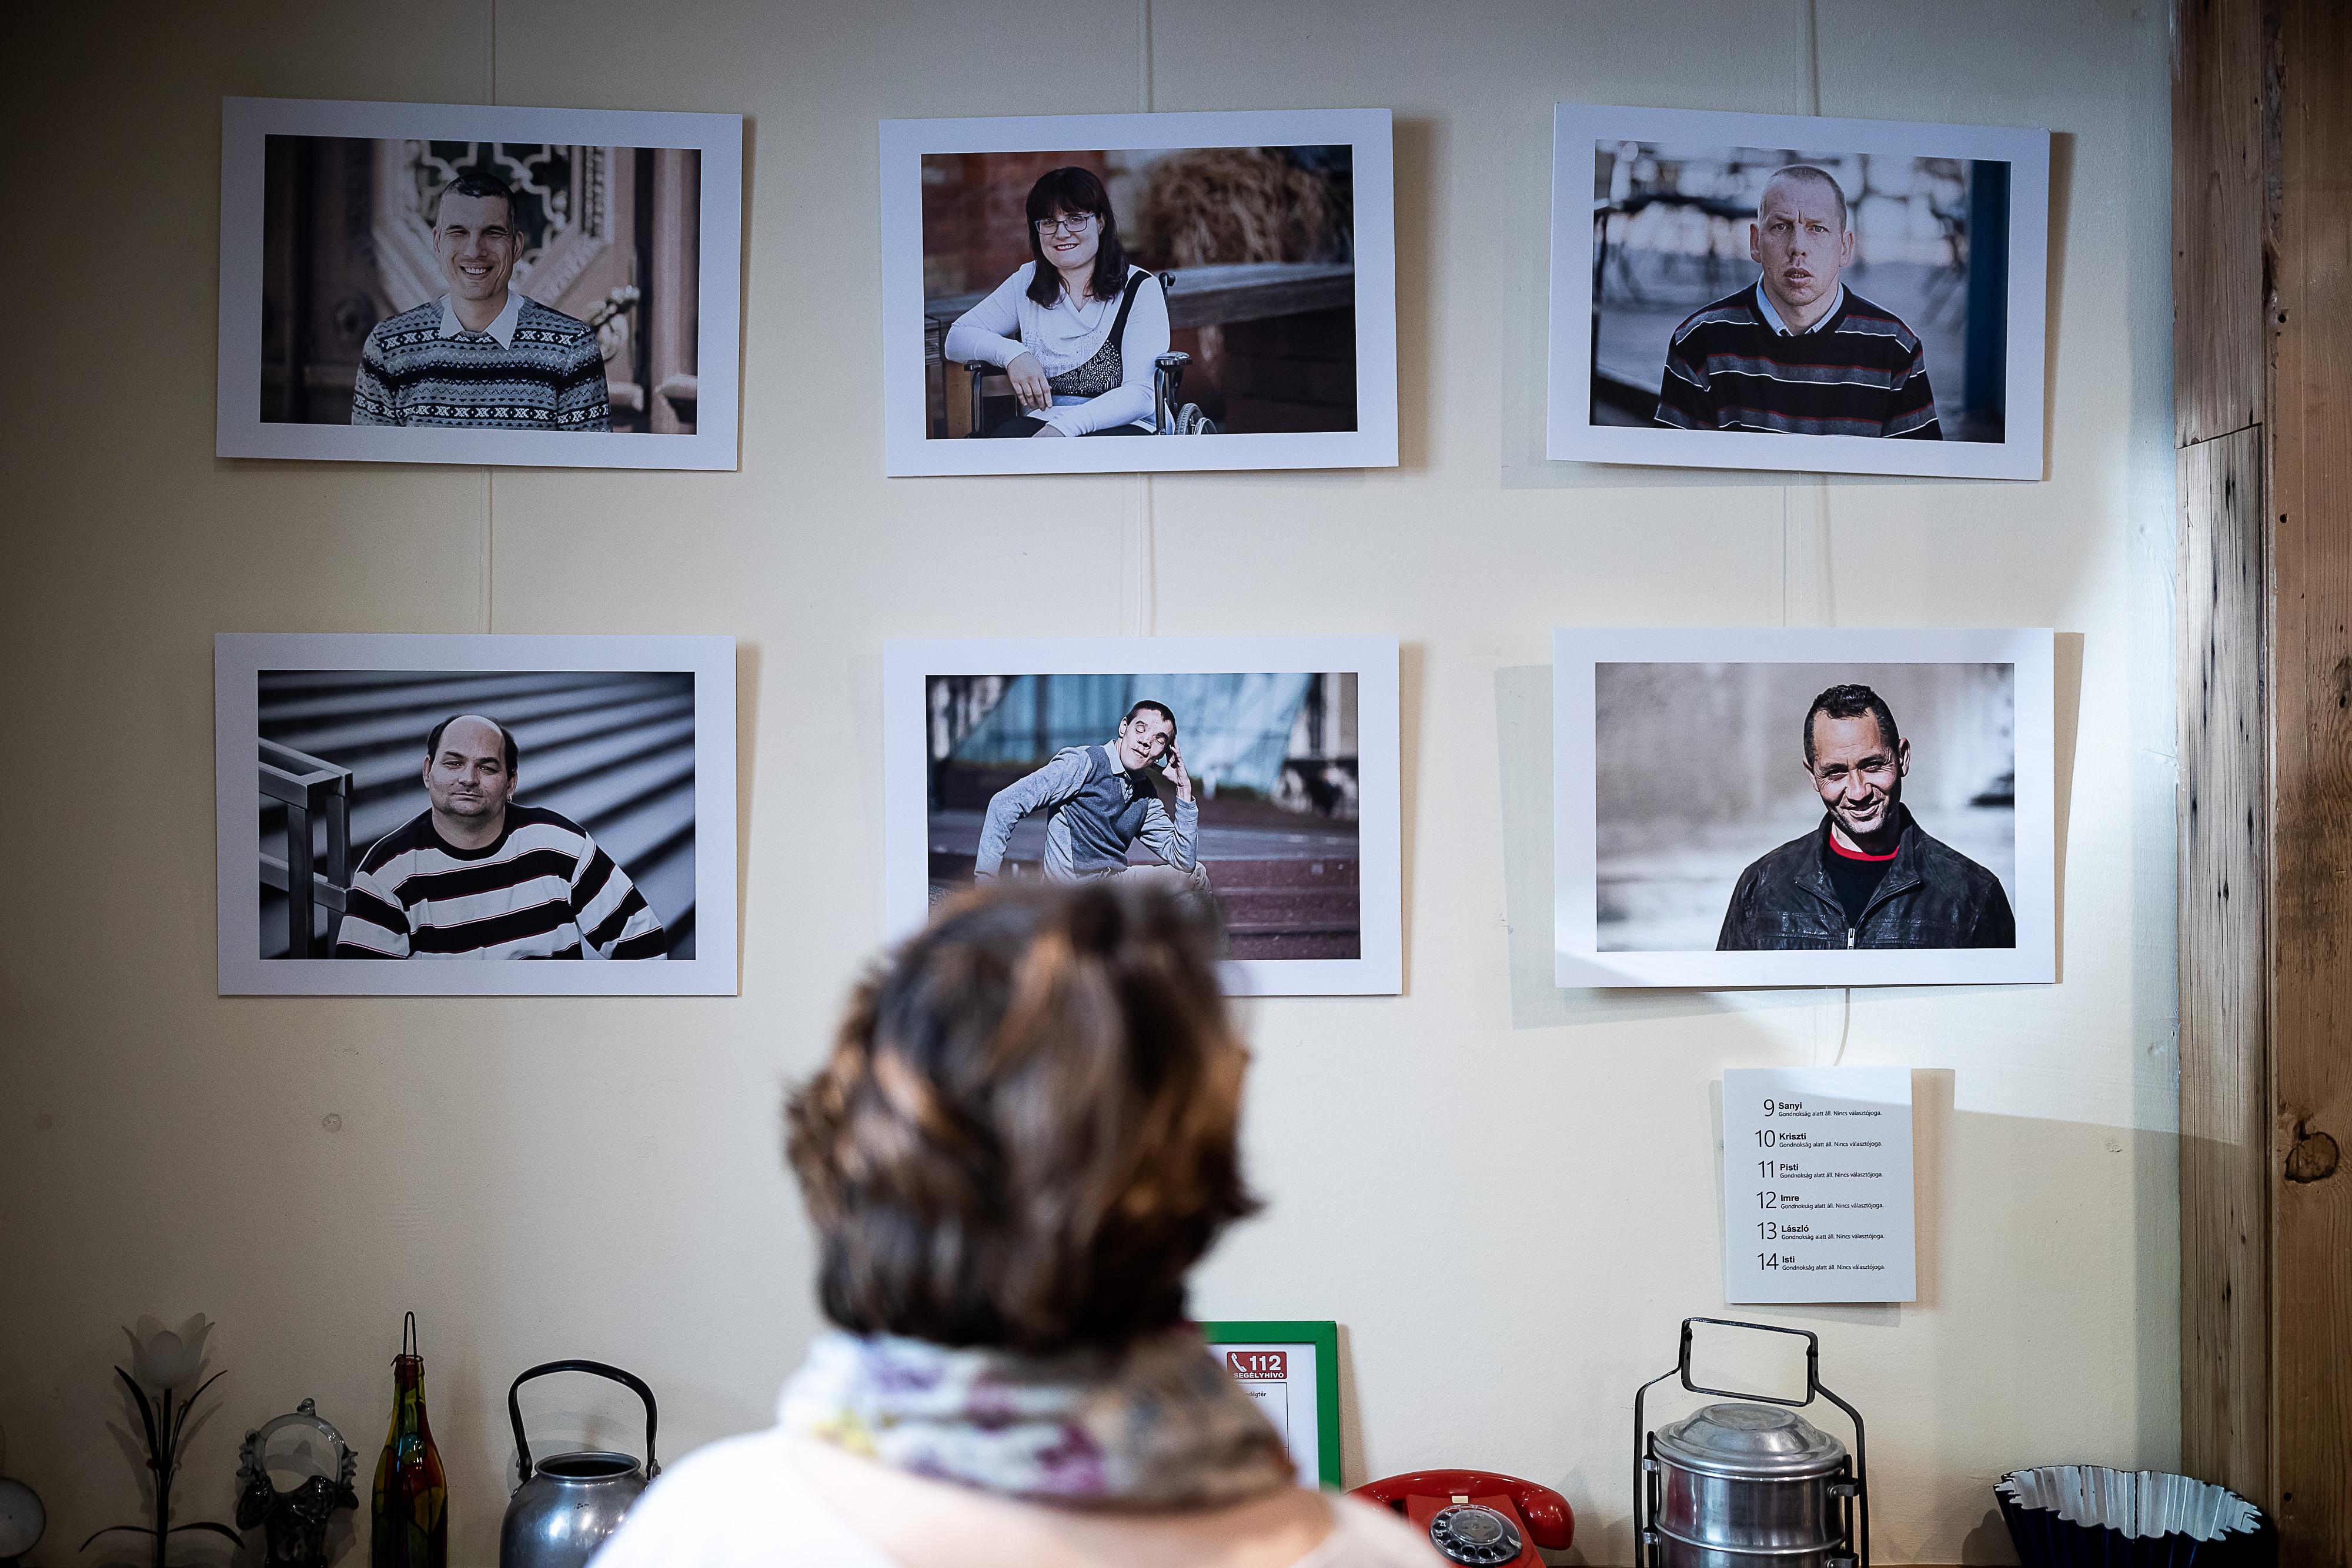 Van Magyarországon 50 ezer ember, aki a nemzeti konzultációt kitöltheti, de a választáson nem szavazhat